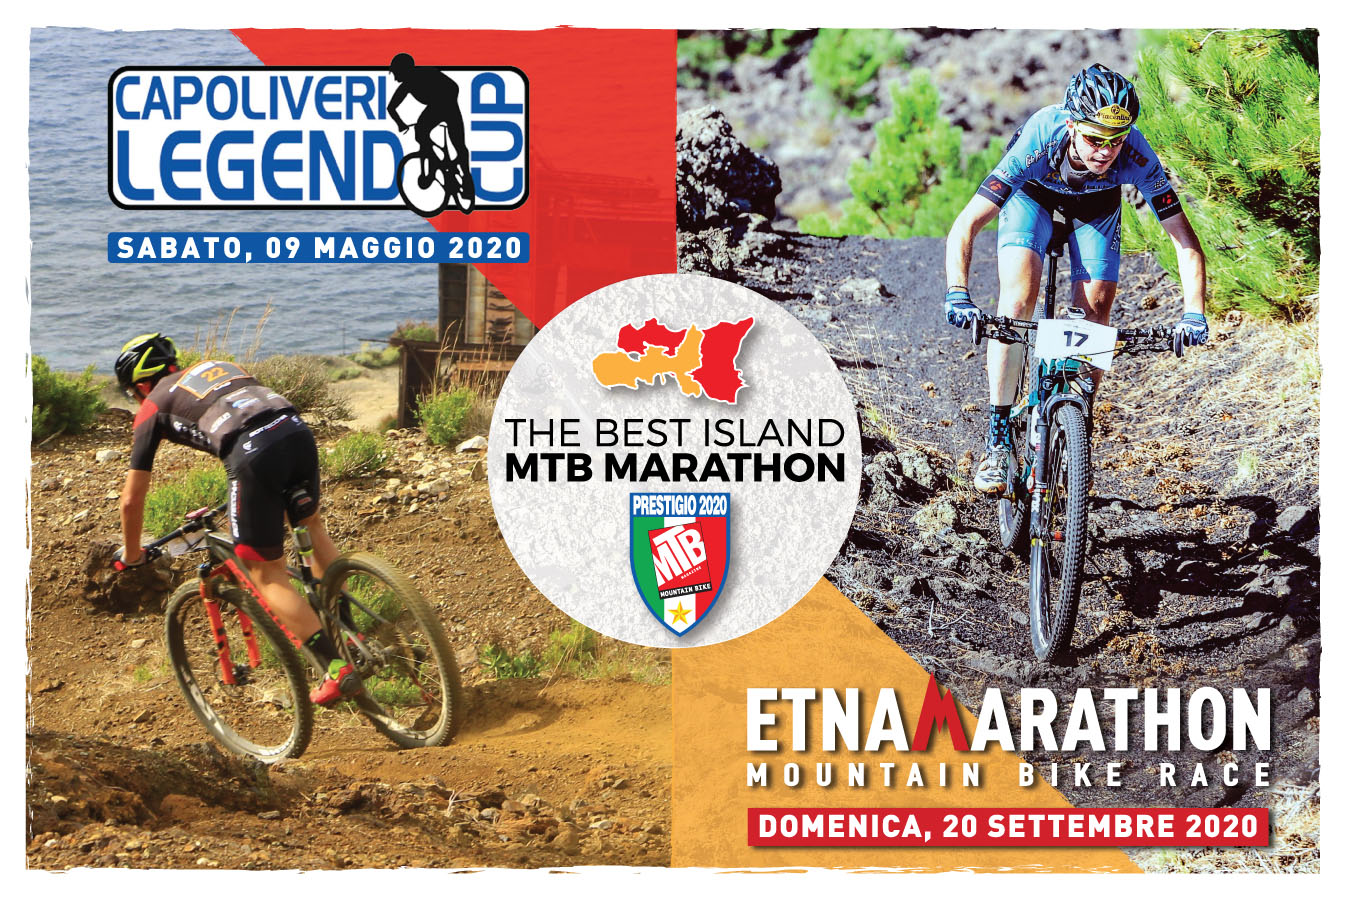 Torna la combinata The Best Island MTB Marathon tra Capoliveri Legend Cup e Etna Marathon